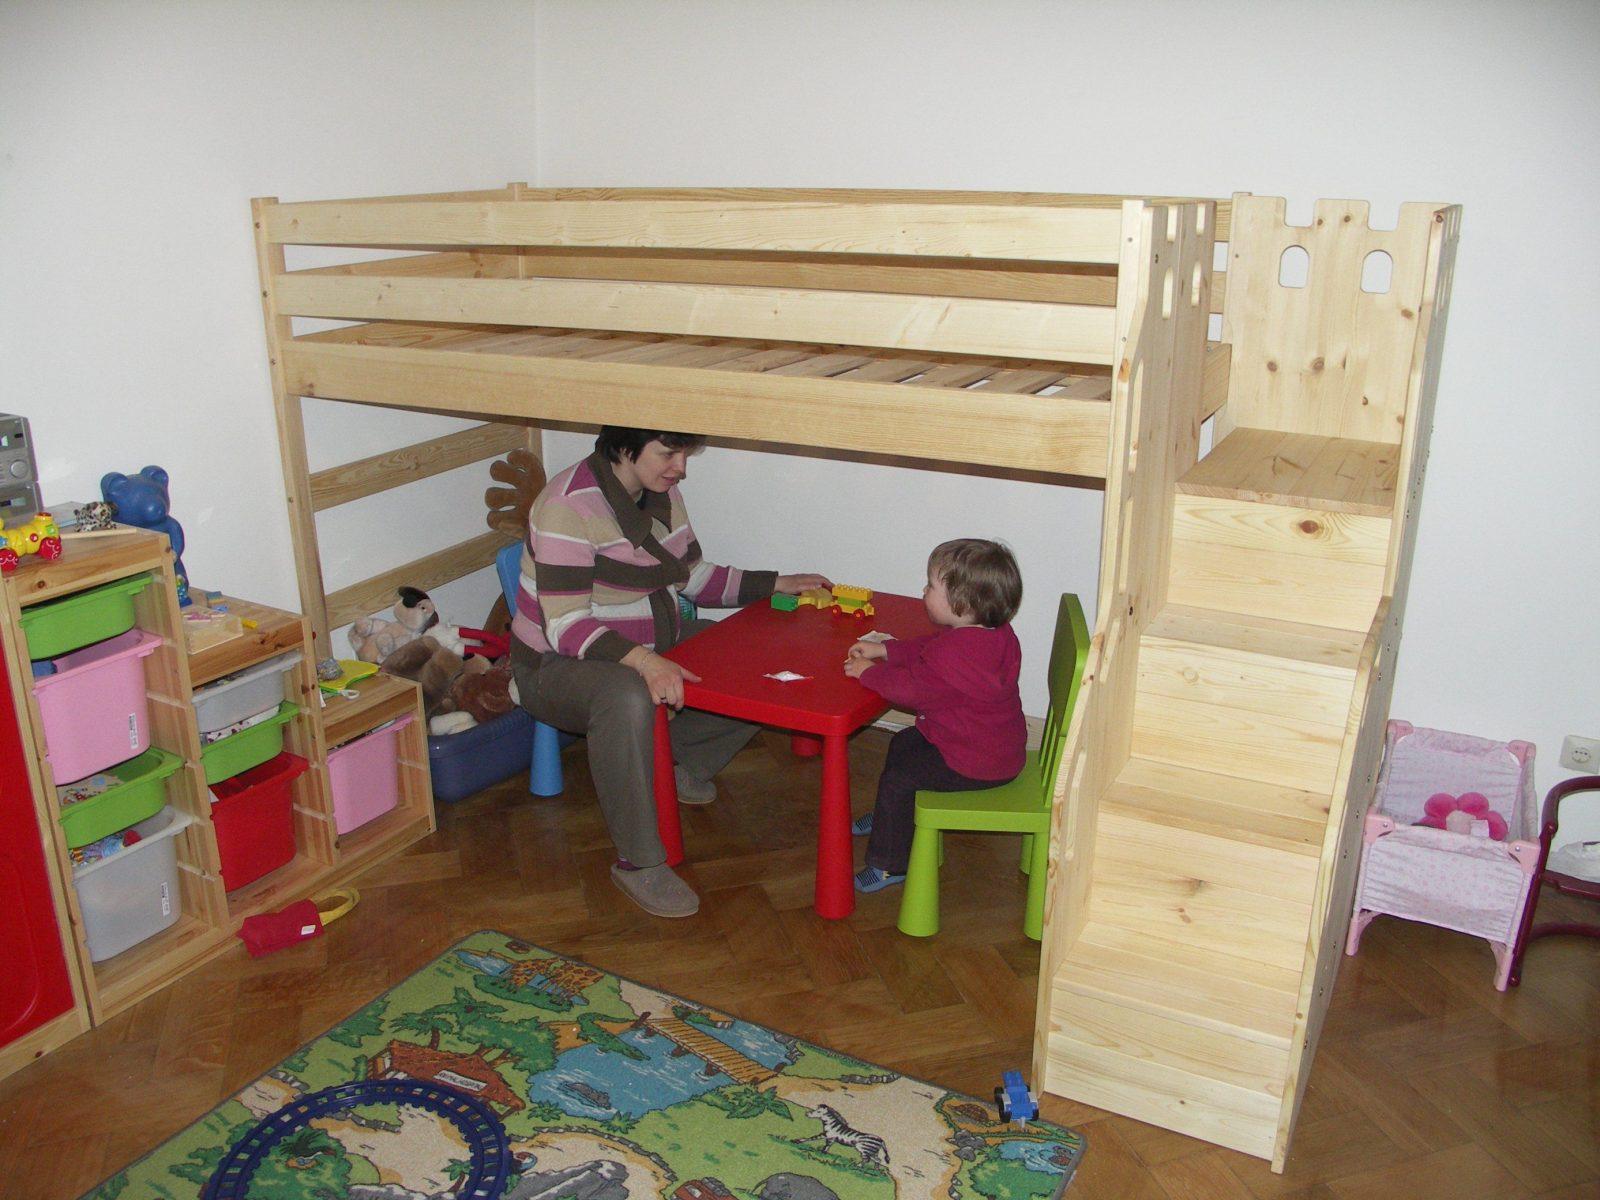 Geniale Ideen Kinderbett Mit Treppe Und Schöne Genial 30 Hochbett von Halbhohes Kinderbett Mit Treppe Bild